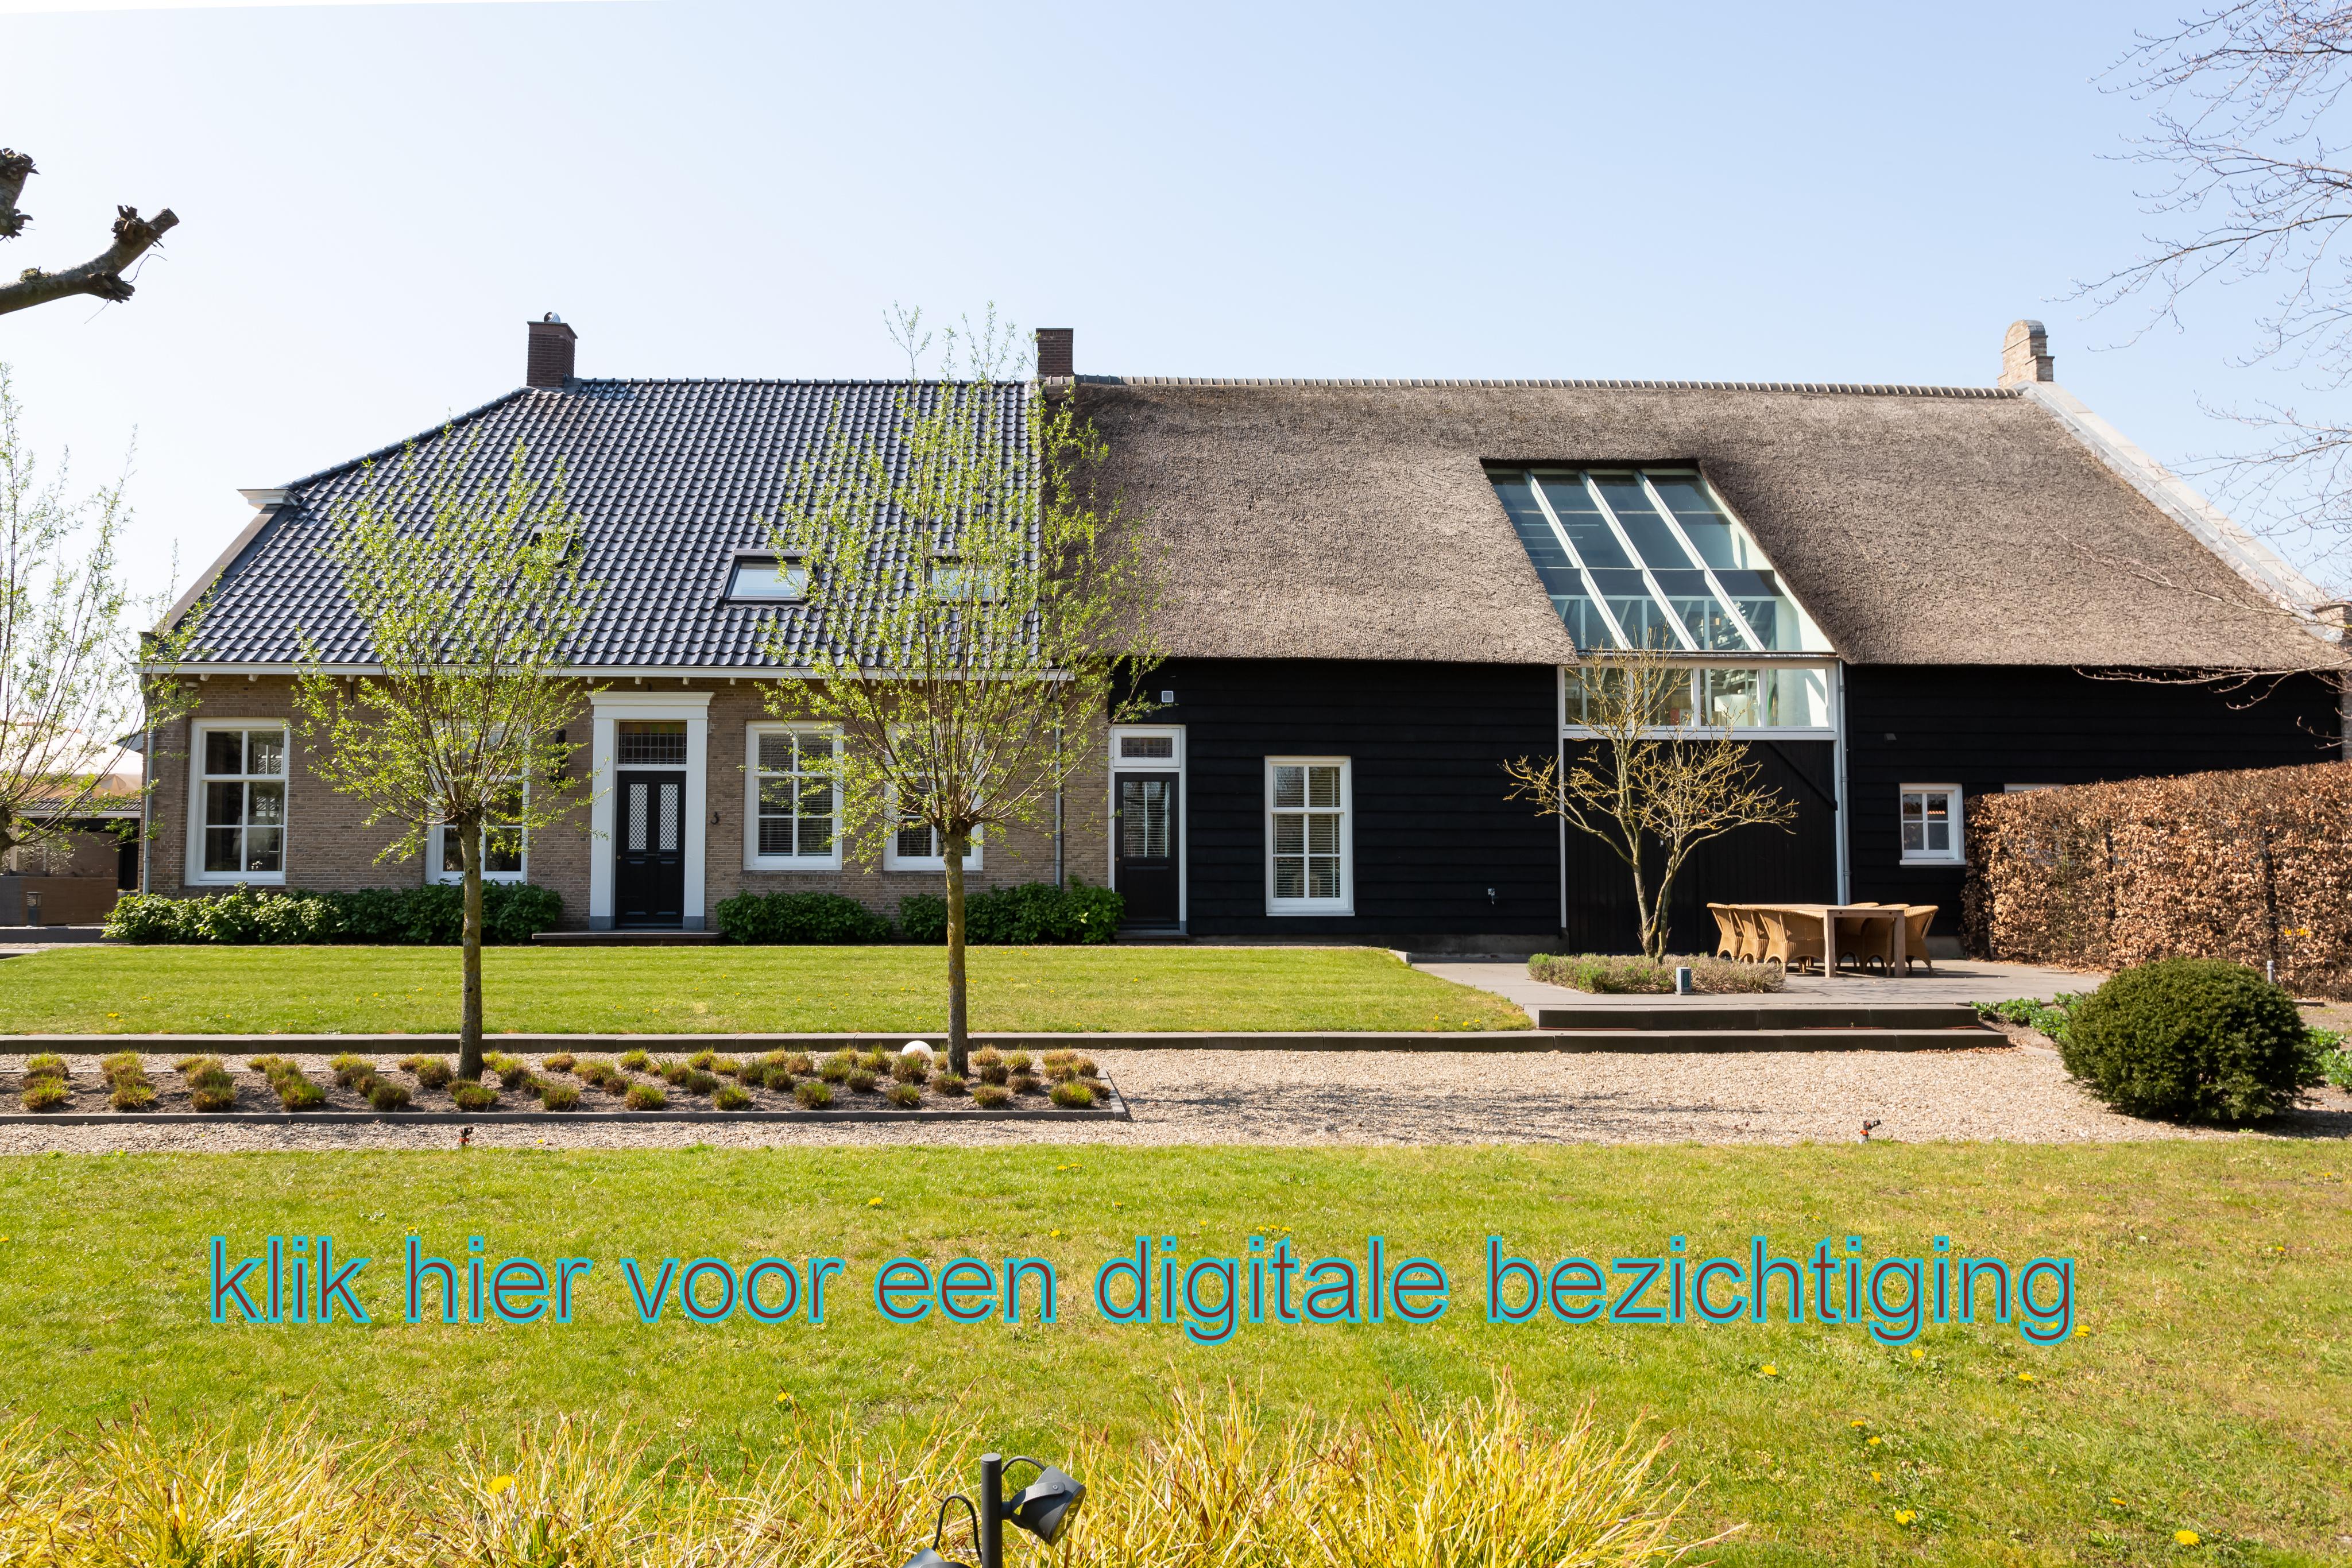 digitale bezichtiging Lange Broekstraat 3